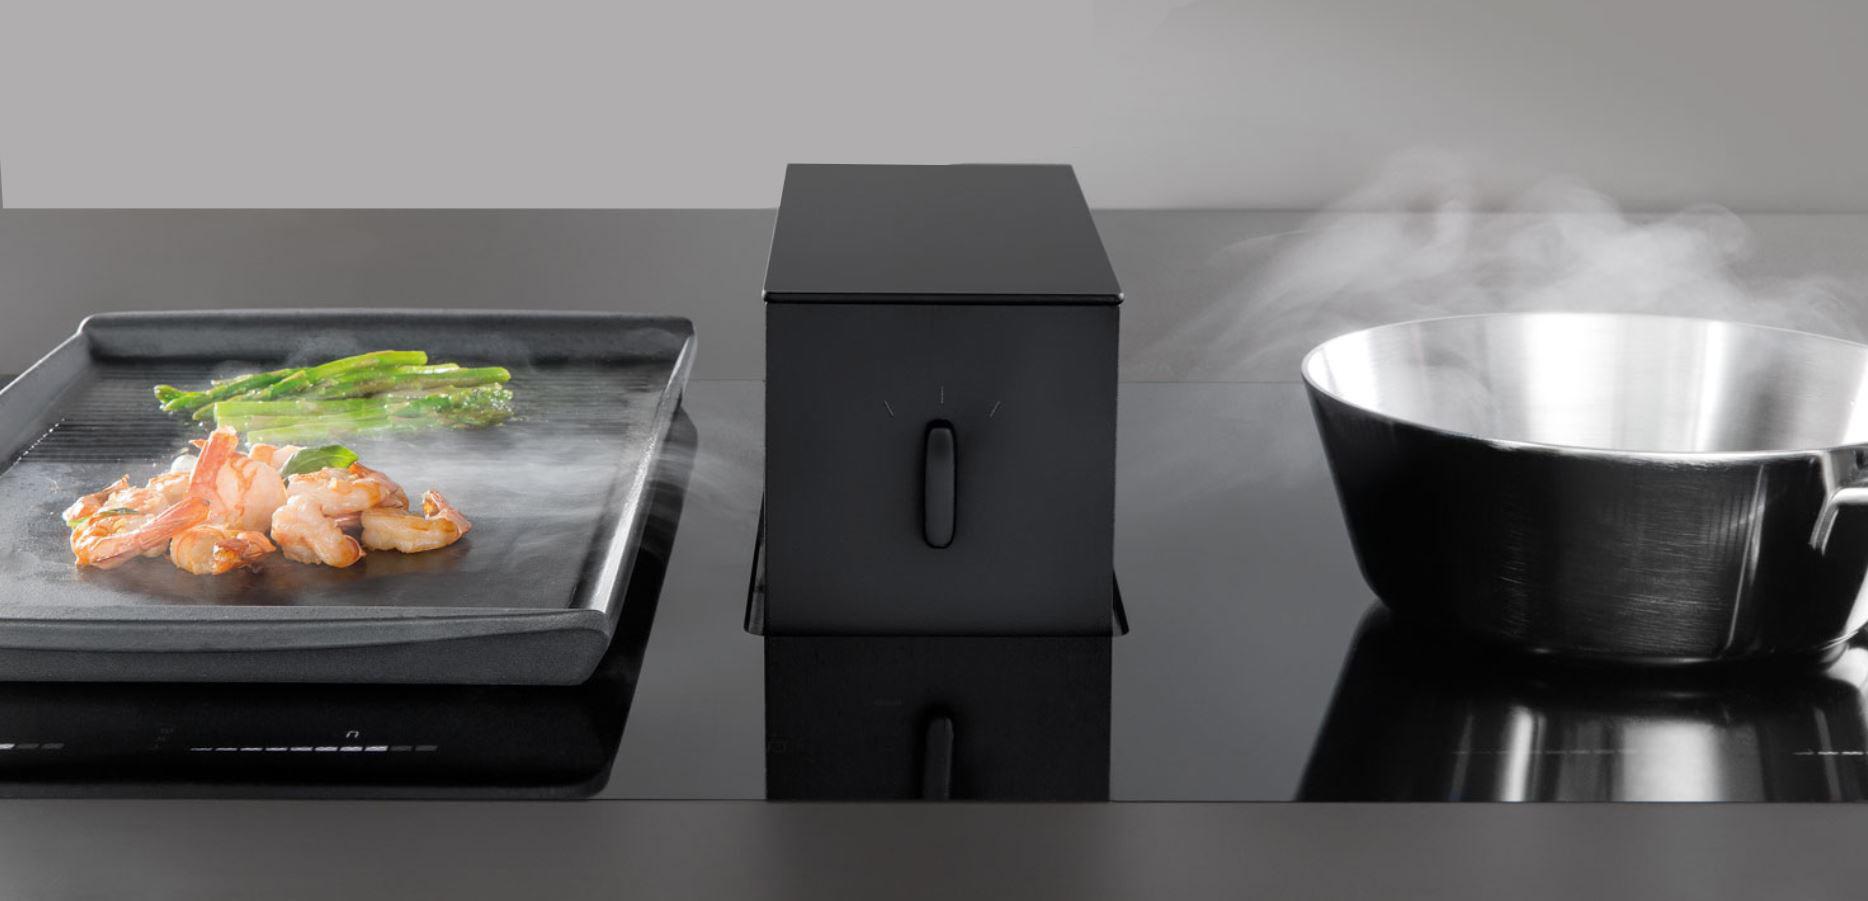 choix de la hotte de plan hotte escamotable hotte ascenseur. Black Bedroom Furniture Sets. Home Design Ideas